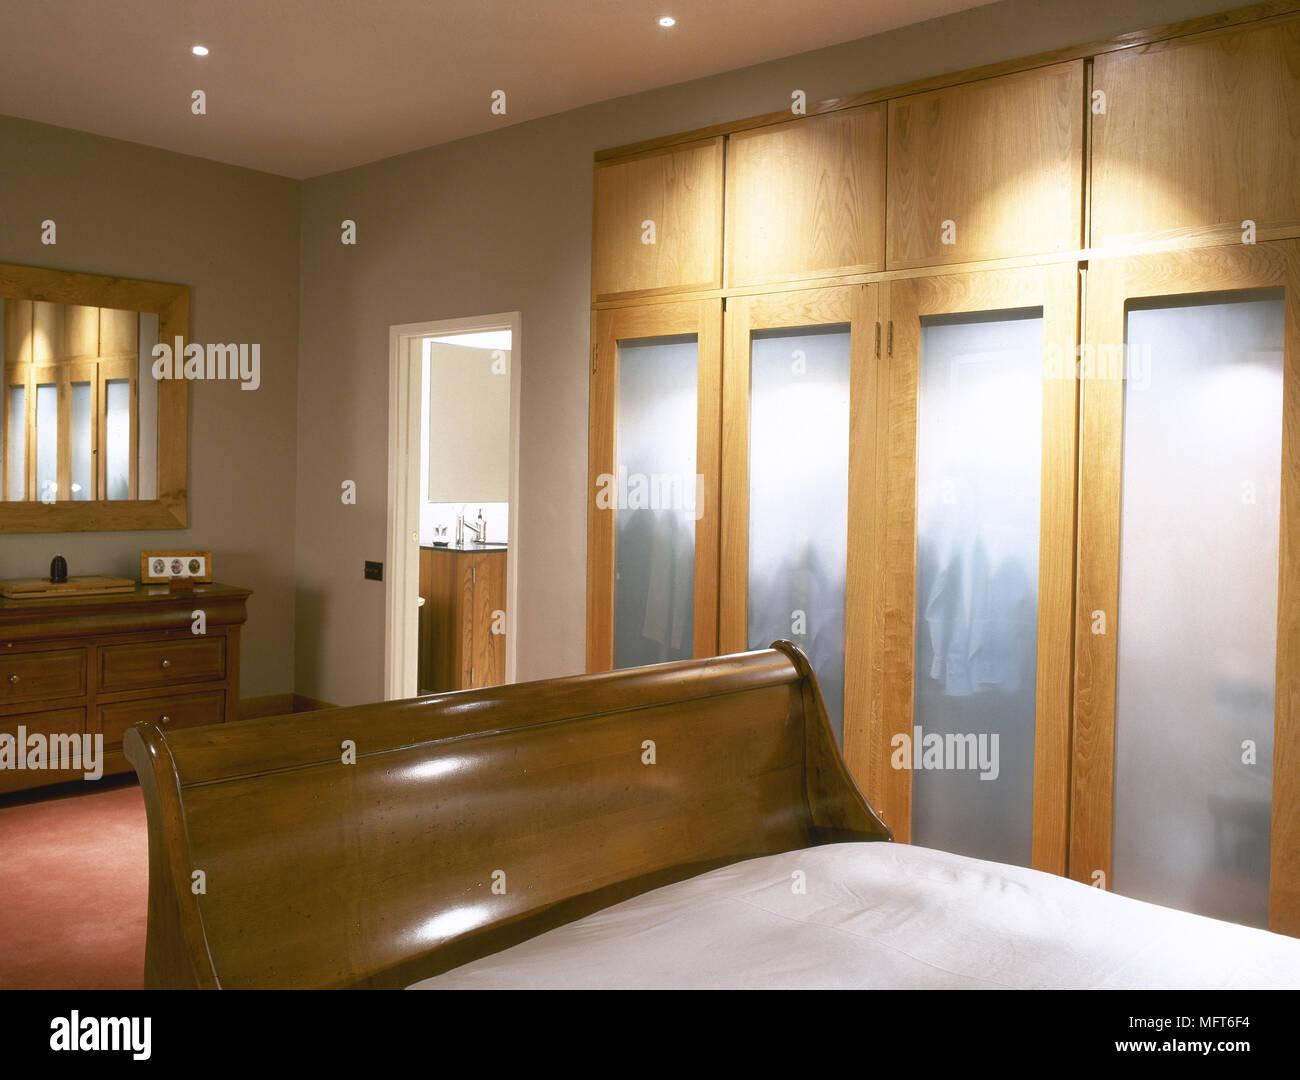 Camera da Letto Moderno dettaglio con una slitta di legno ...